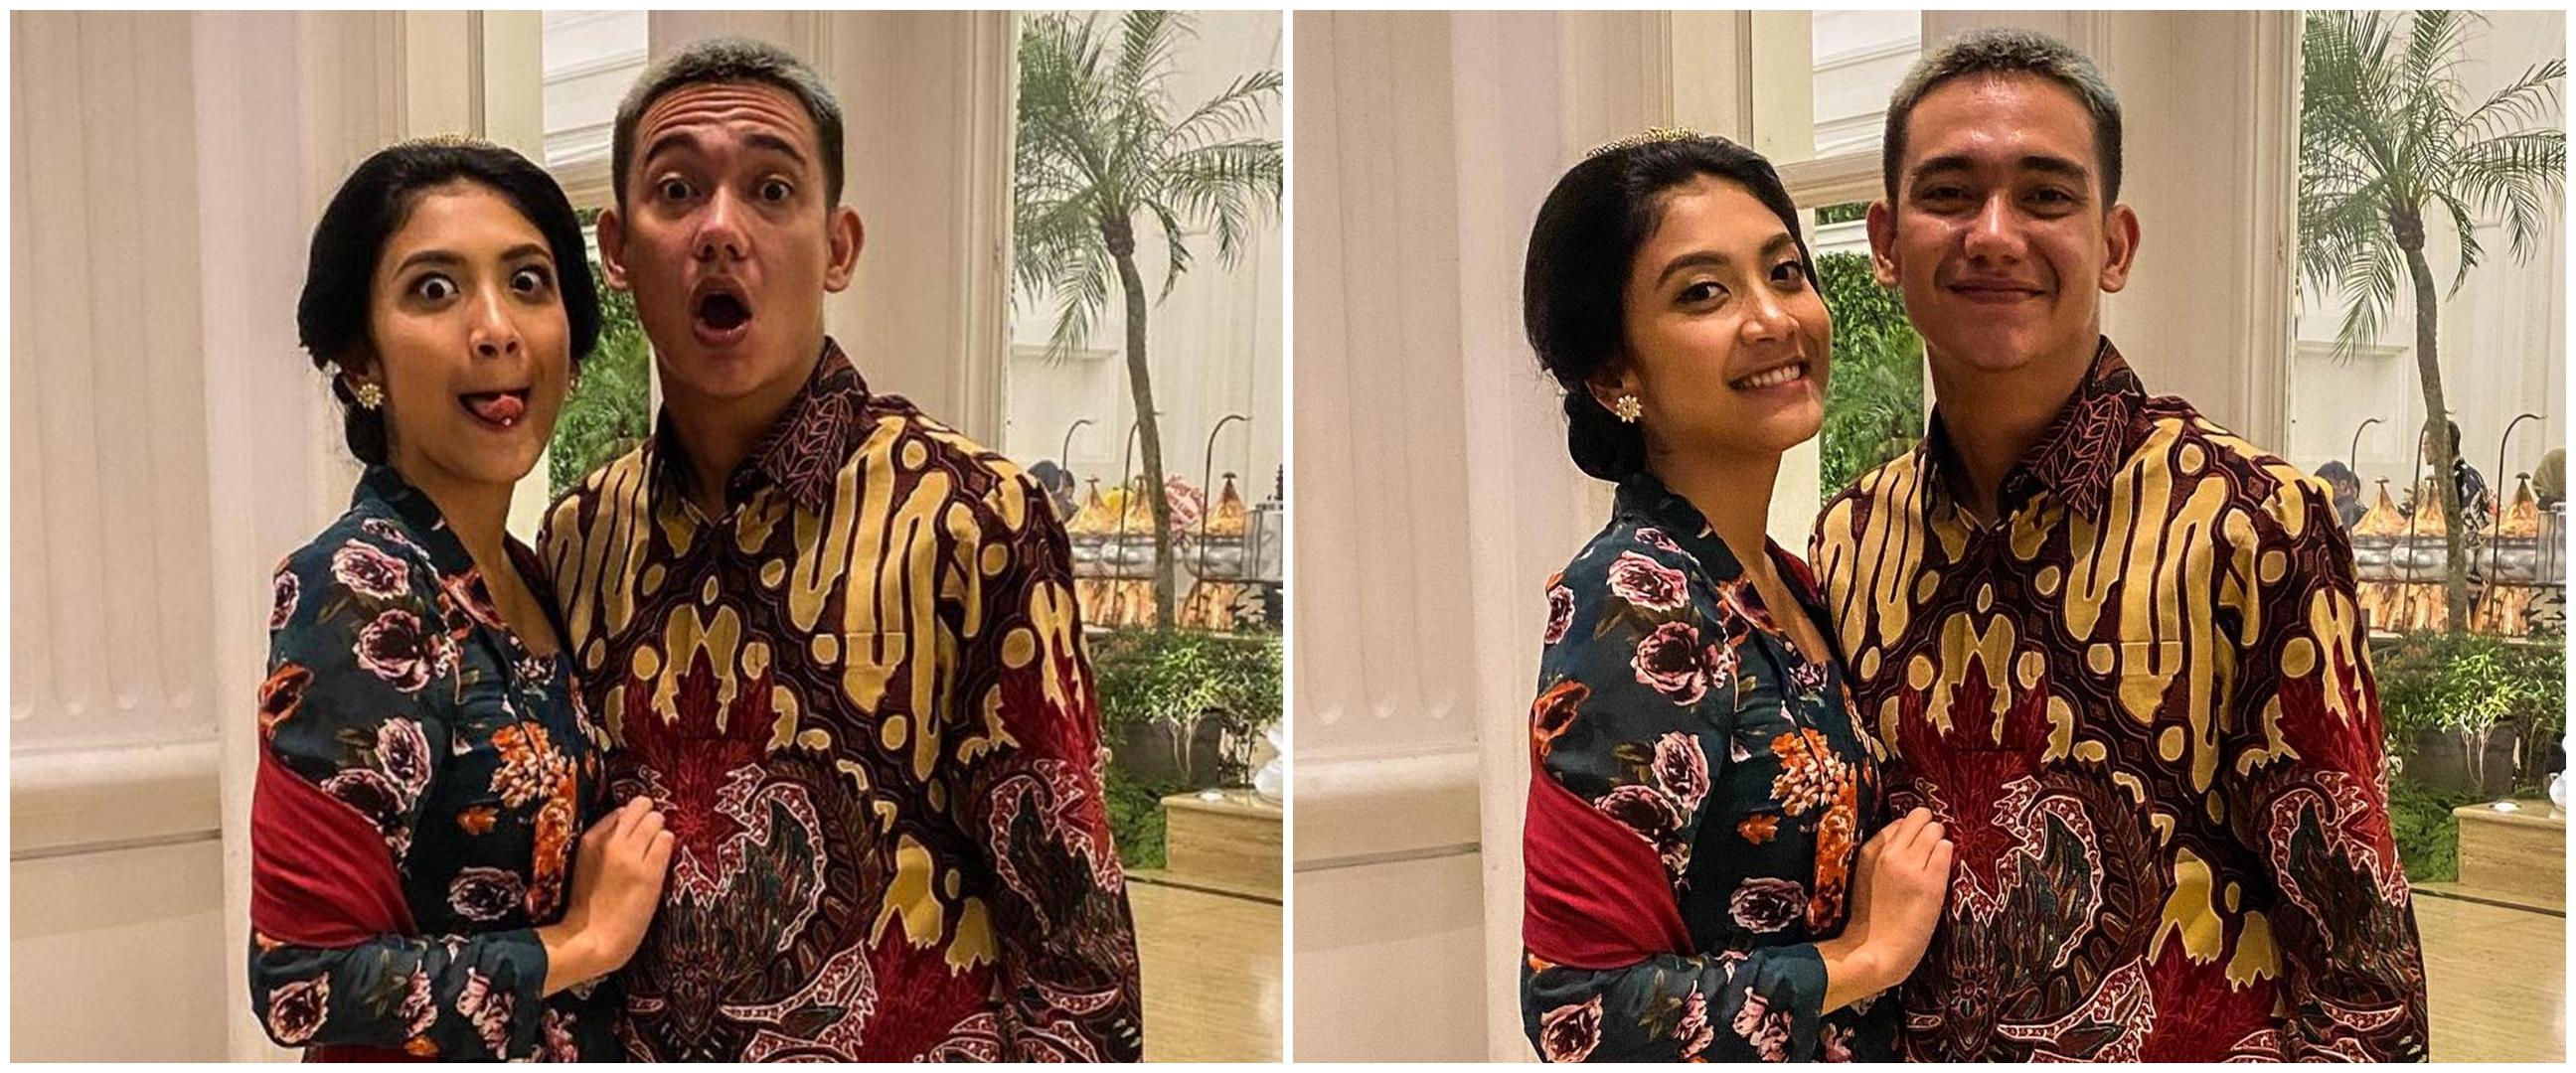 Adipati & Canti Tachril dikabarkan akan menikah, ini tanggapan manajer